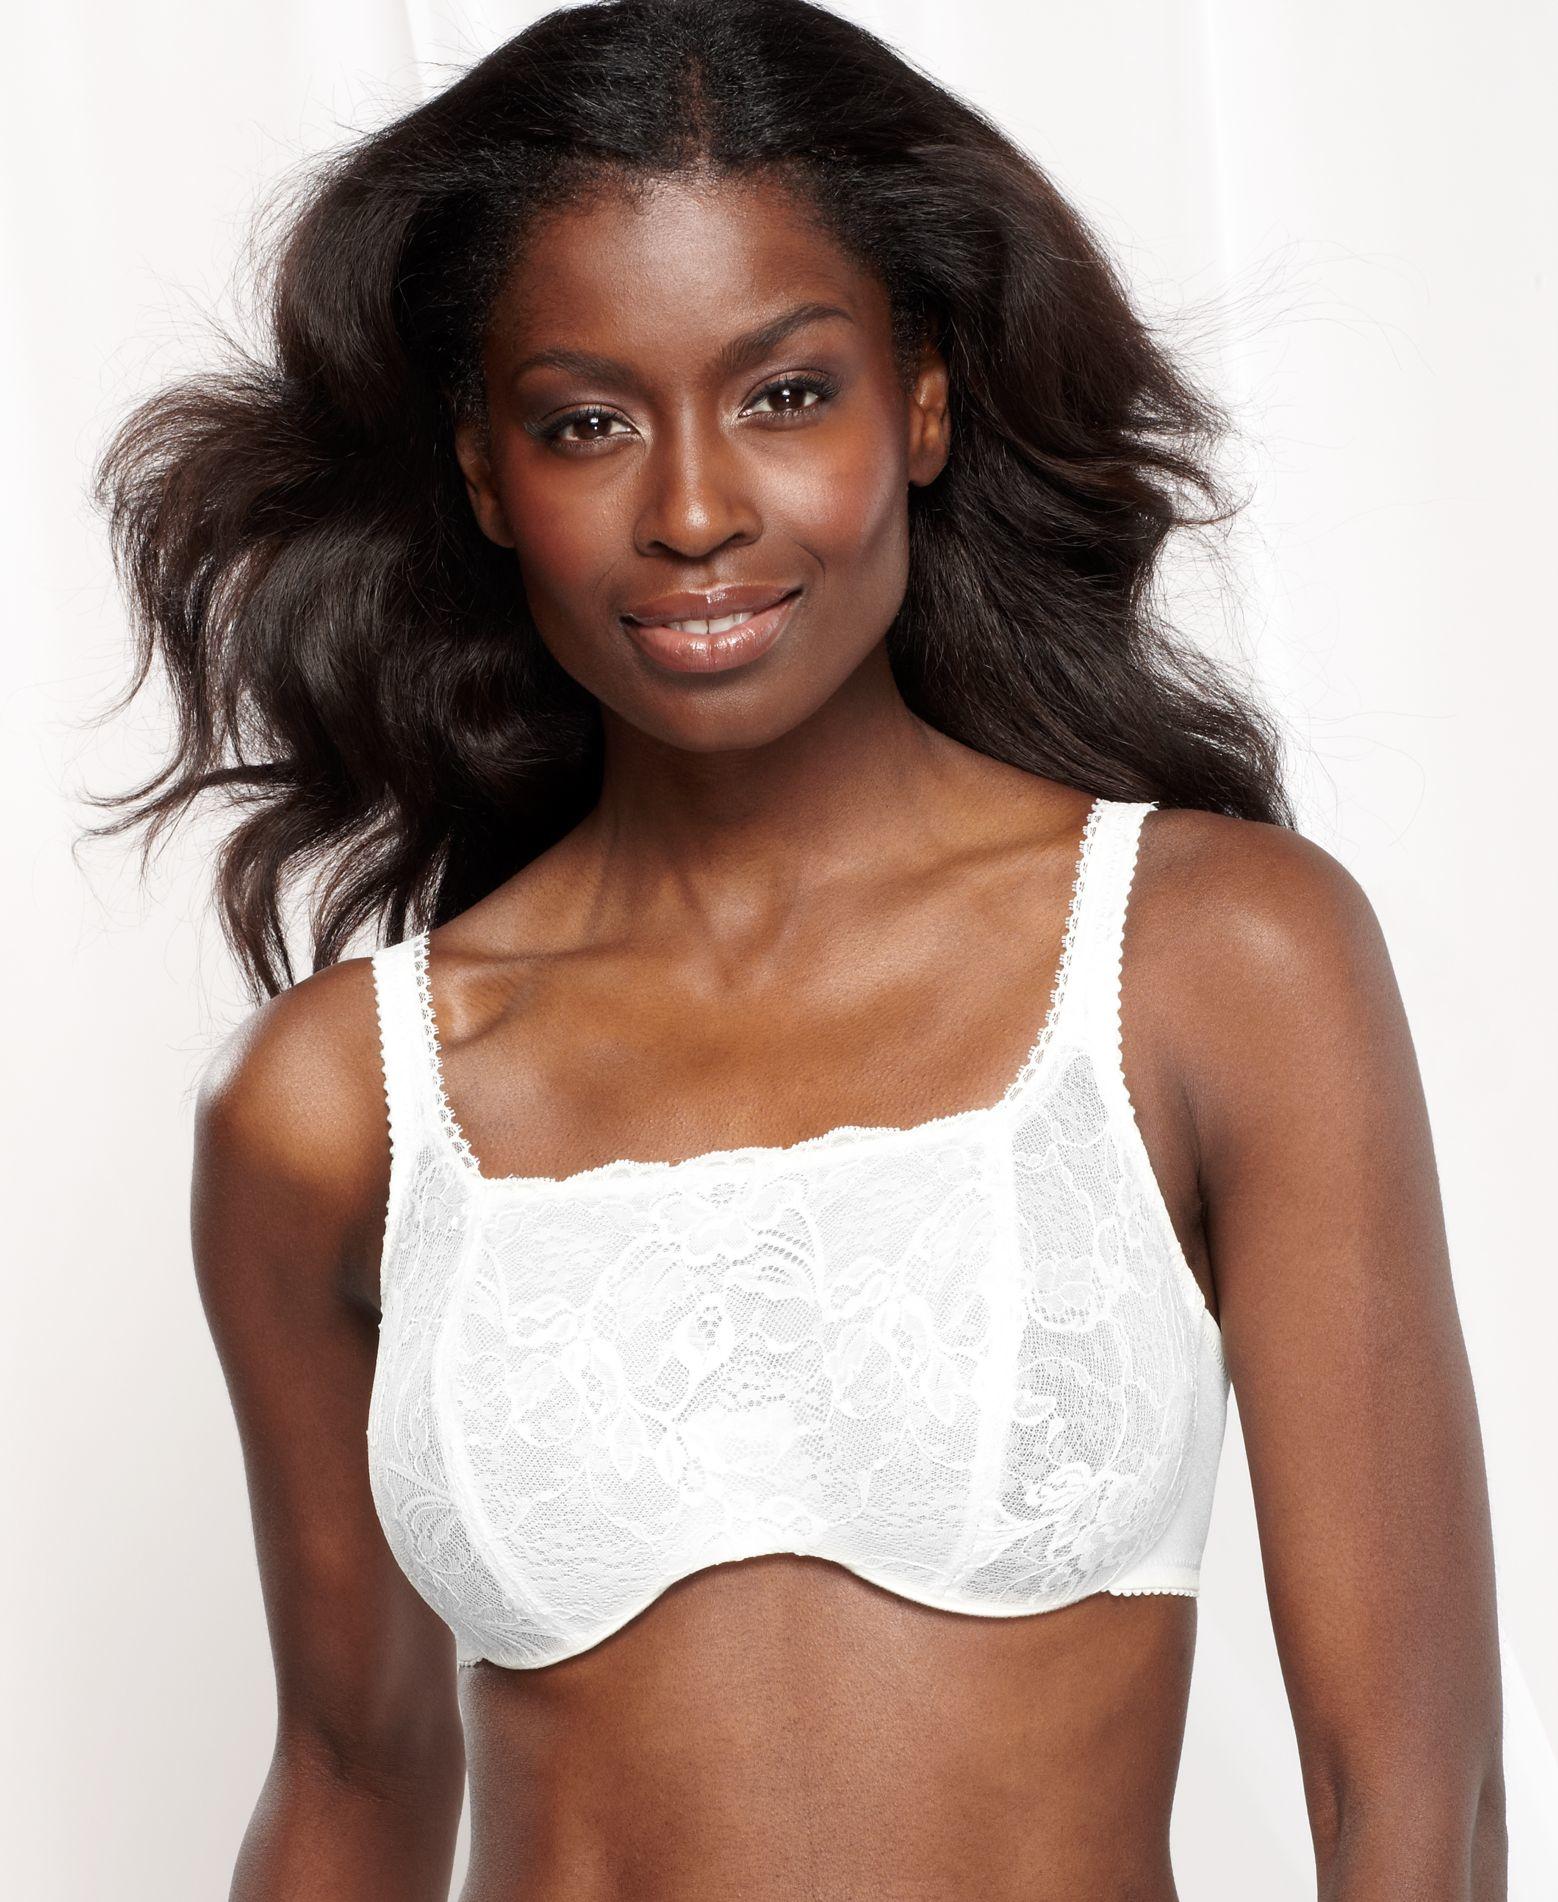 c51b012513641 Lyst - Lunaire Mayfair Cami Bra 18911 in White